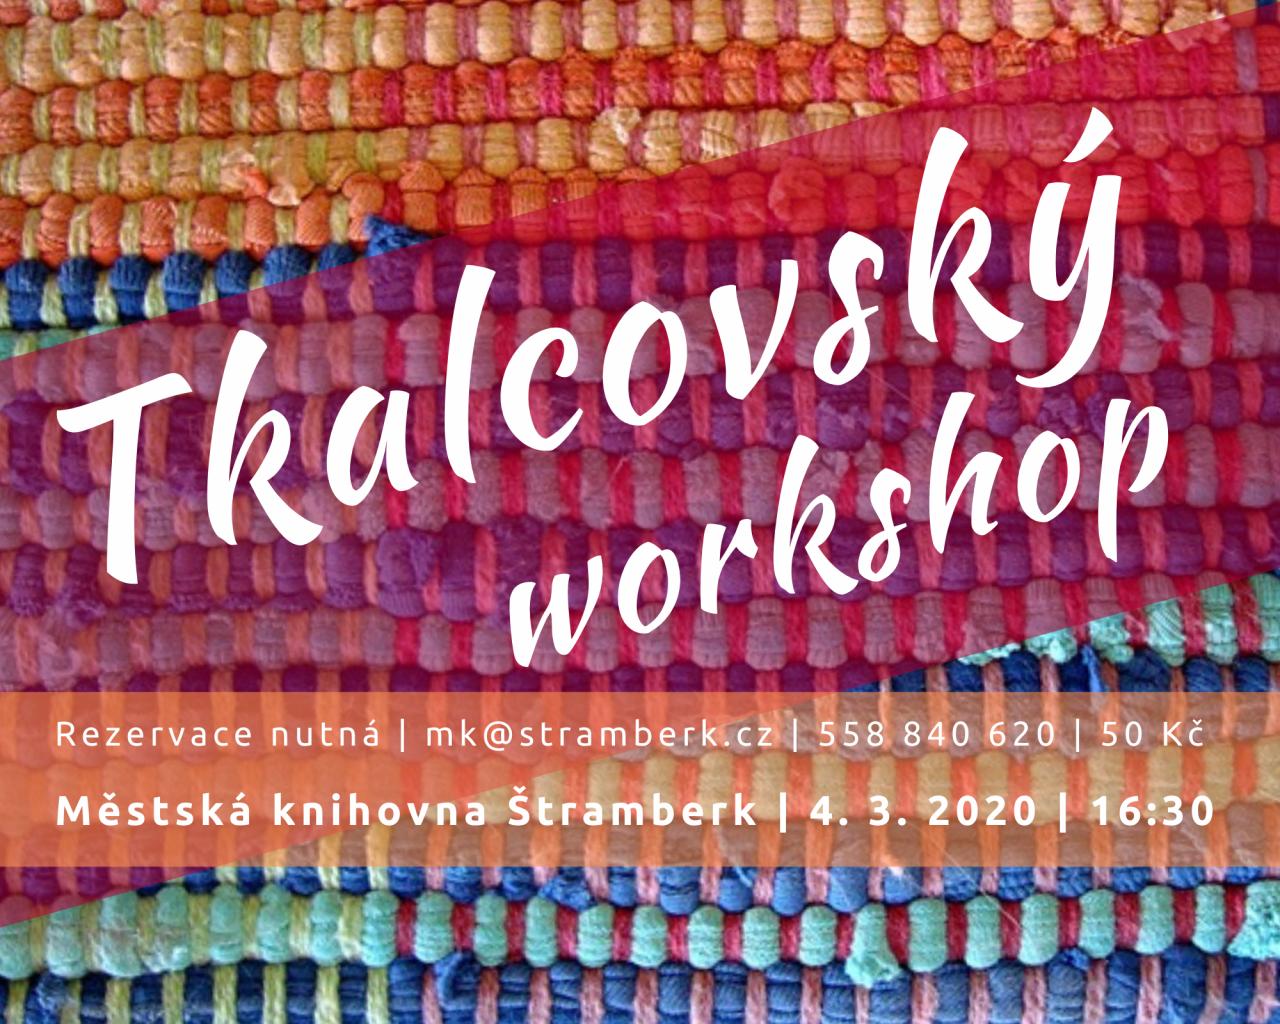 Tkalcovský workshop